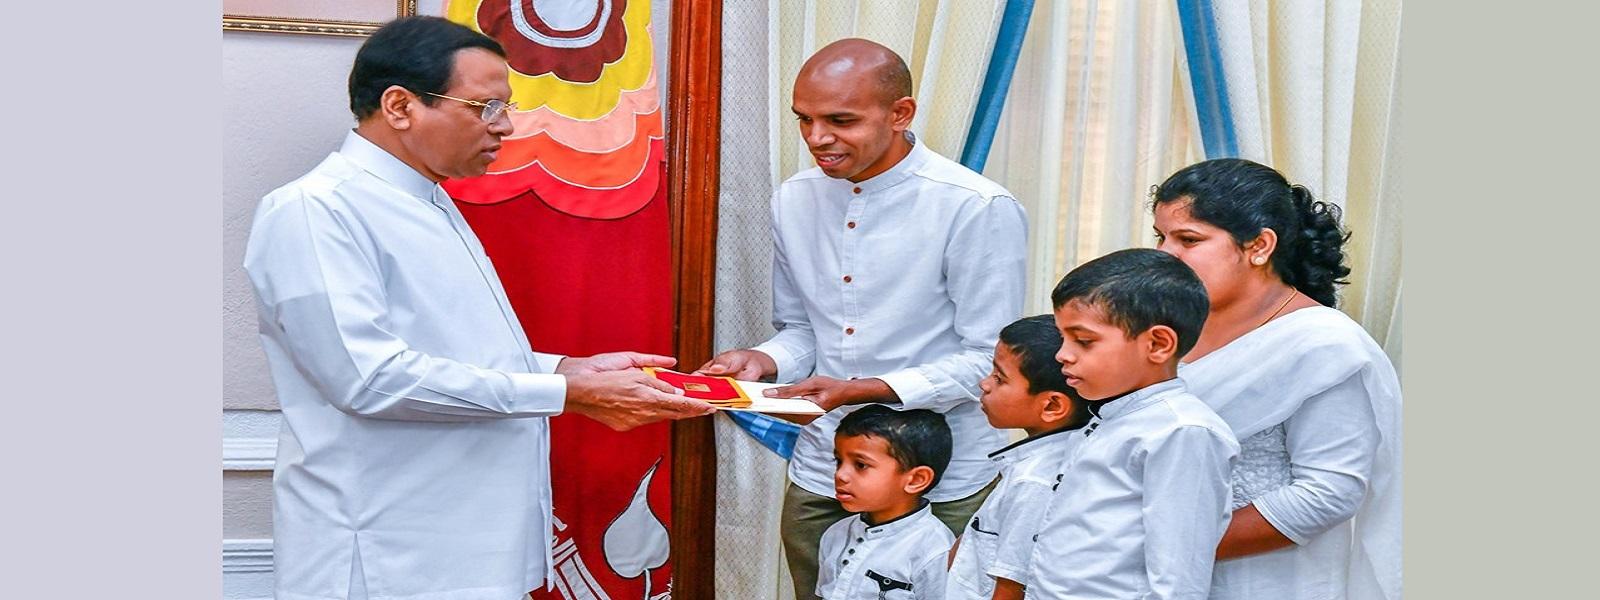 தீ விபத்தில் மனைவி, பிள்ளைகளைக் காப்பாற்றியவருக்கு ஜனாதிபதி 10 இலட்சம் ரூபா நிதியுதவி